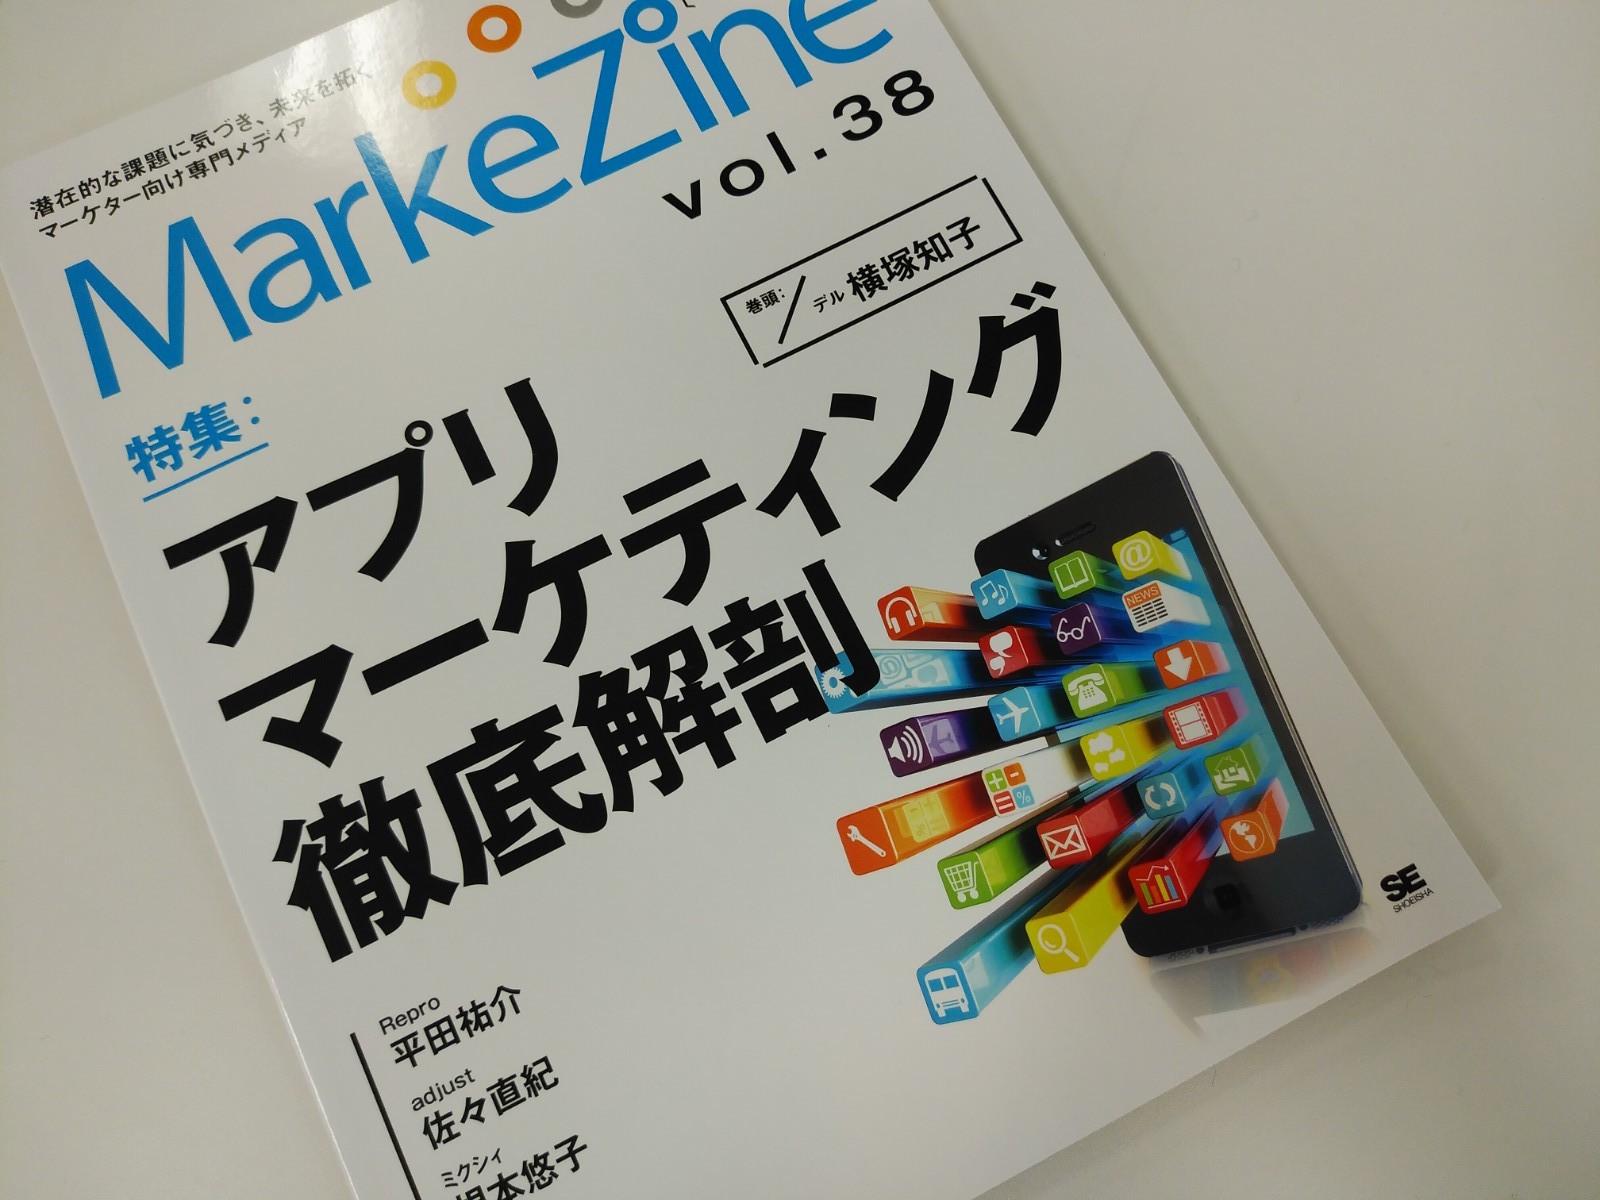 MarkeZine(マーケジン)に、デルアンバサダーの取り組みが掲載されました。